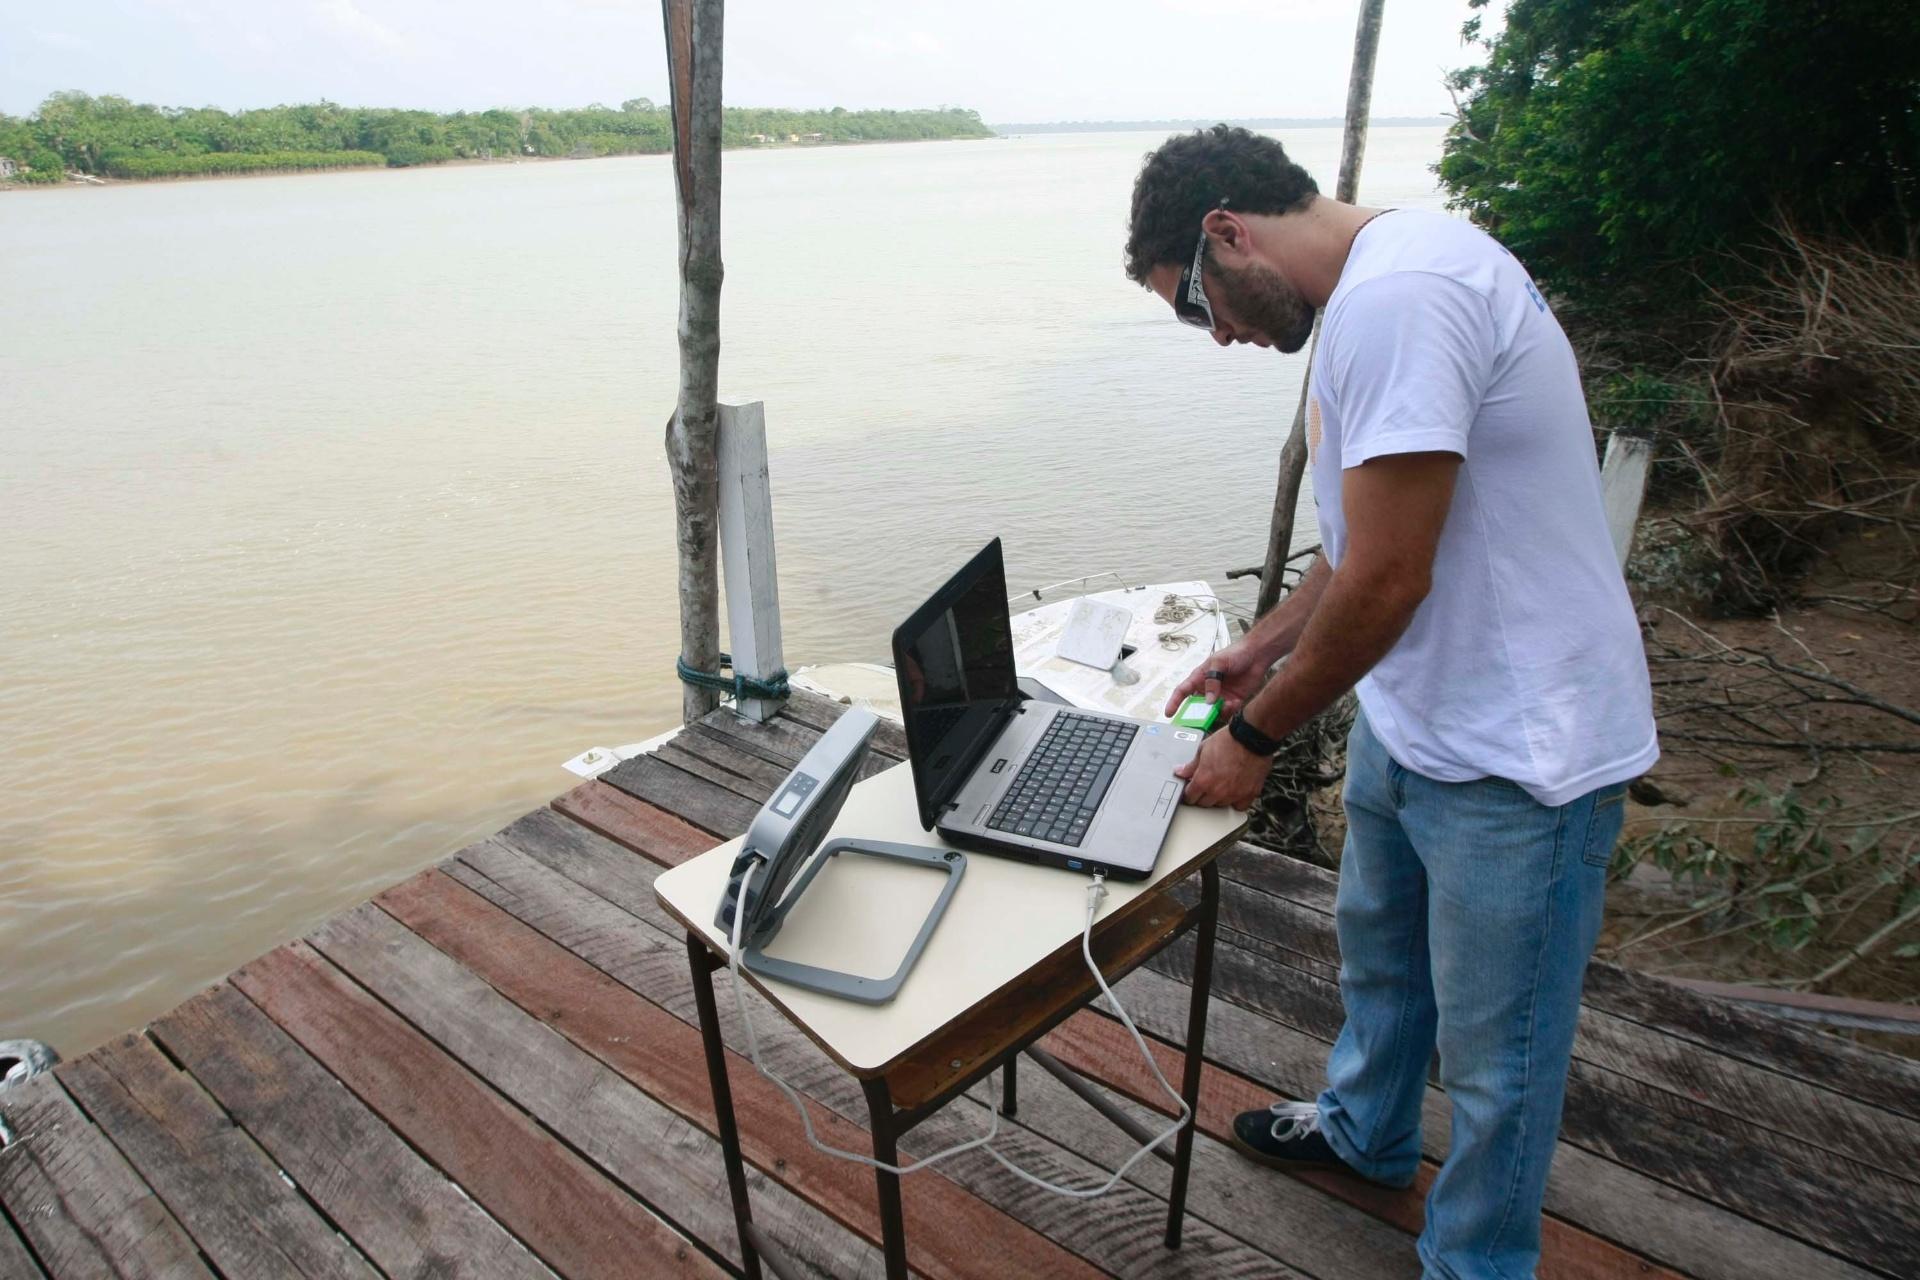 26.out.2014 - Funcionário da Justiça Eleitoral prepara equipamento para transmitir a contagem de votos por satélite para Belém, das regiões mais isoladas do interior do Pará, neste domingo